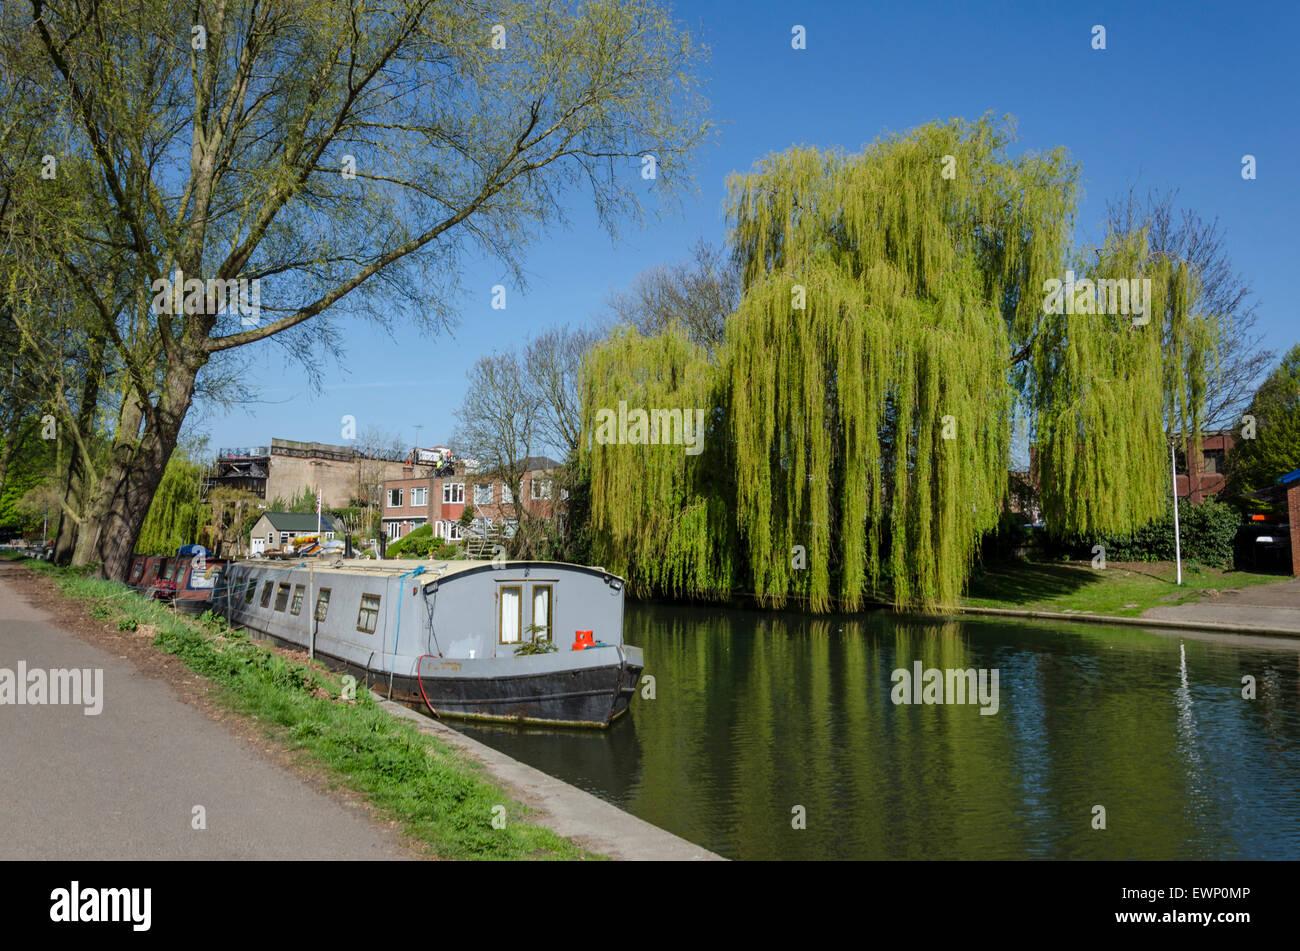 Barca sul fiume Cam, Cambridge, Regno Unito Immagini Stock